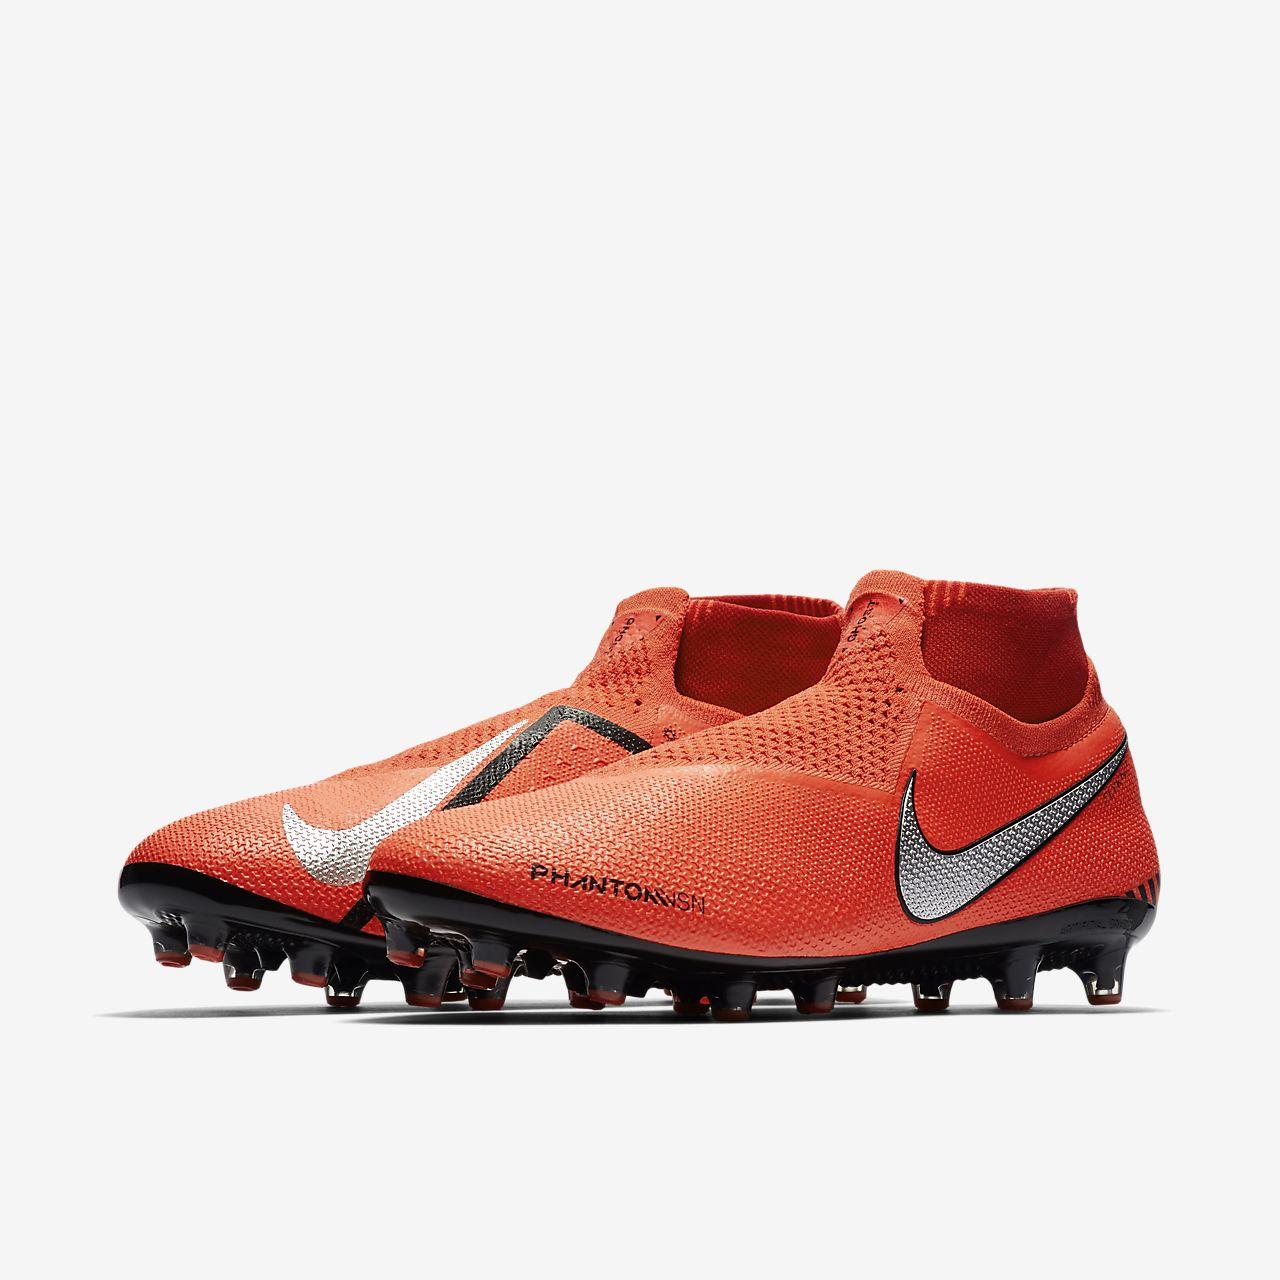 look for 56824 8cc70 ... Fotbollssko Nike Phantom Vision Elite Dynamic Fit för konstgräs